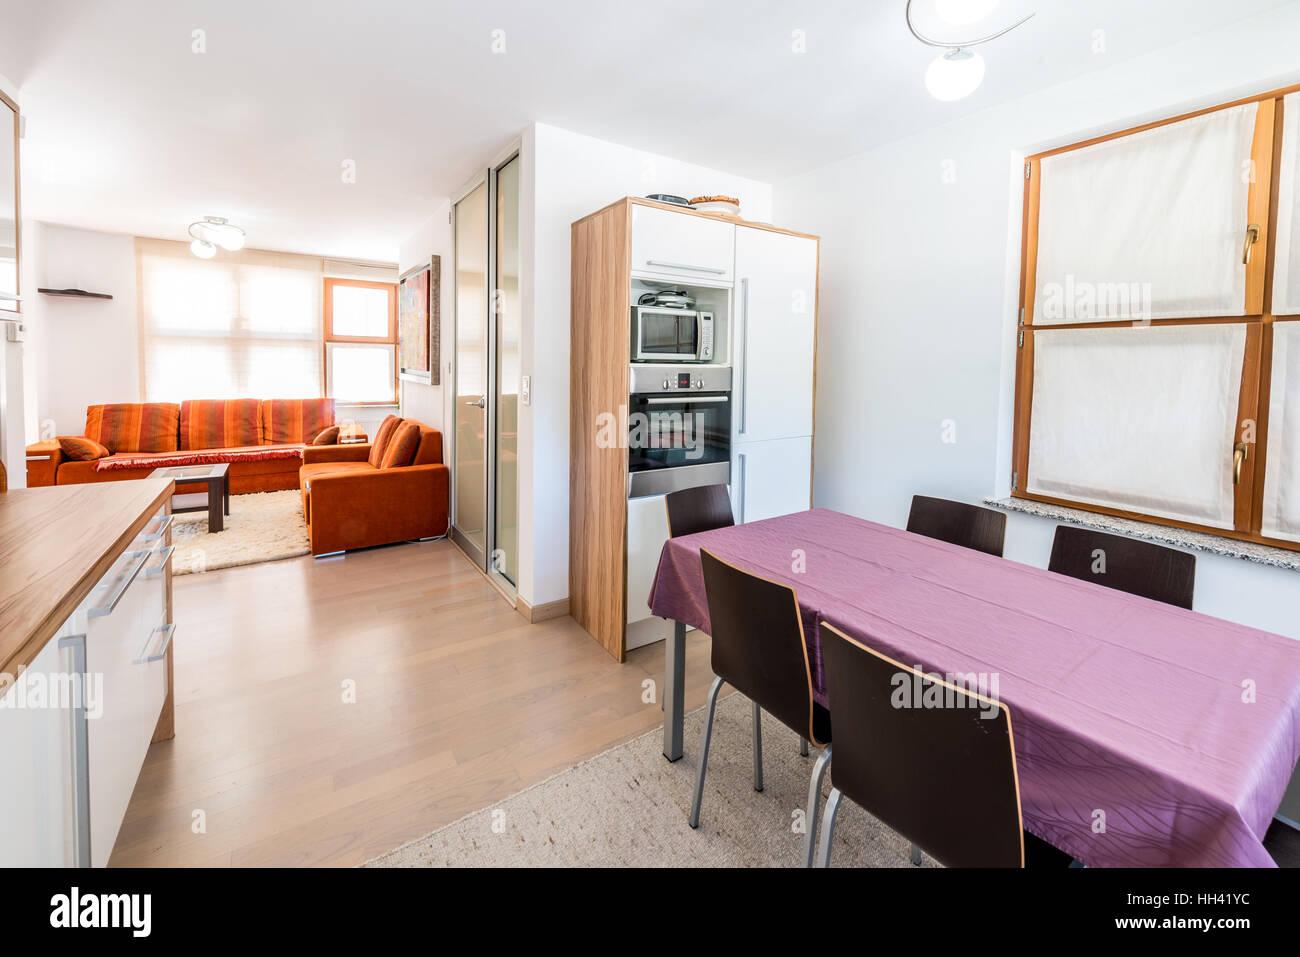 Moderner offener Raum Küche mit Wohnzimmer. Teure Möbel und Esstisch ...